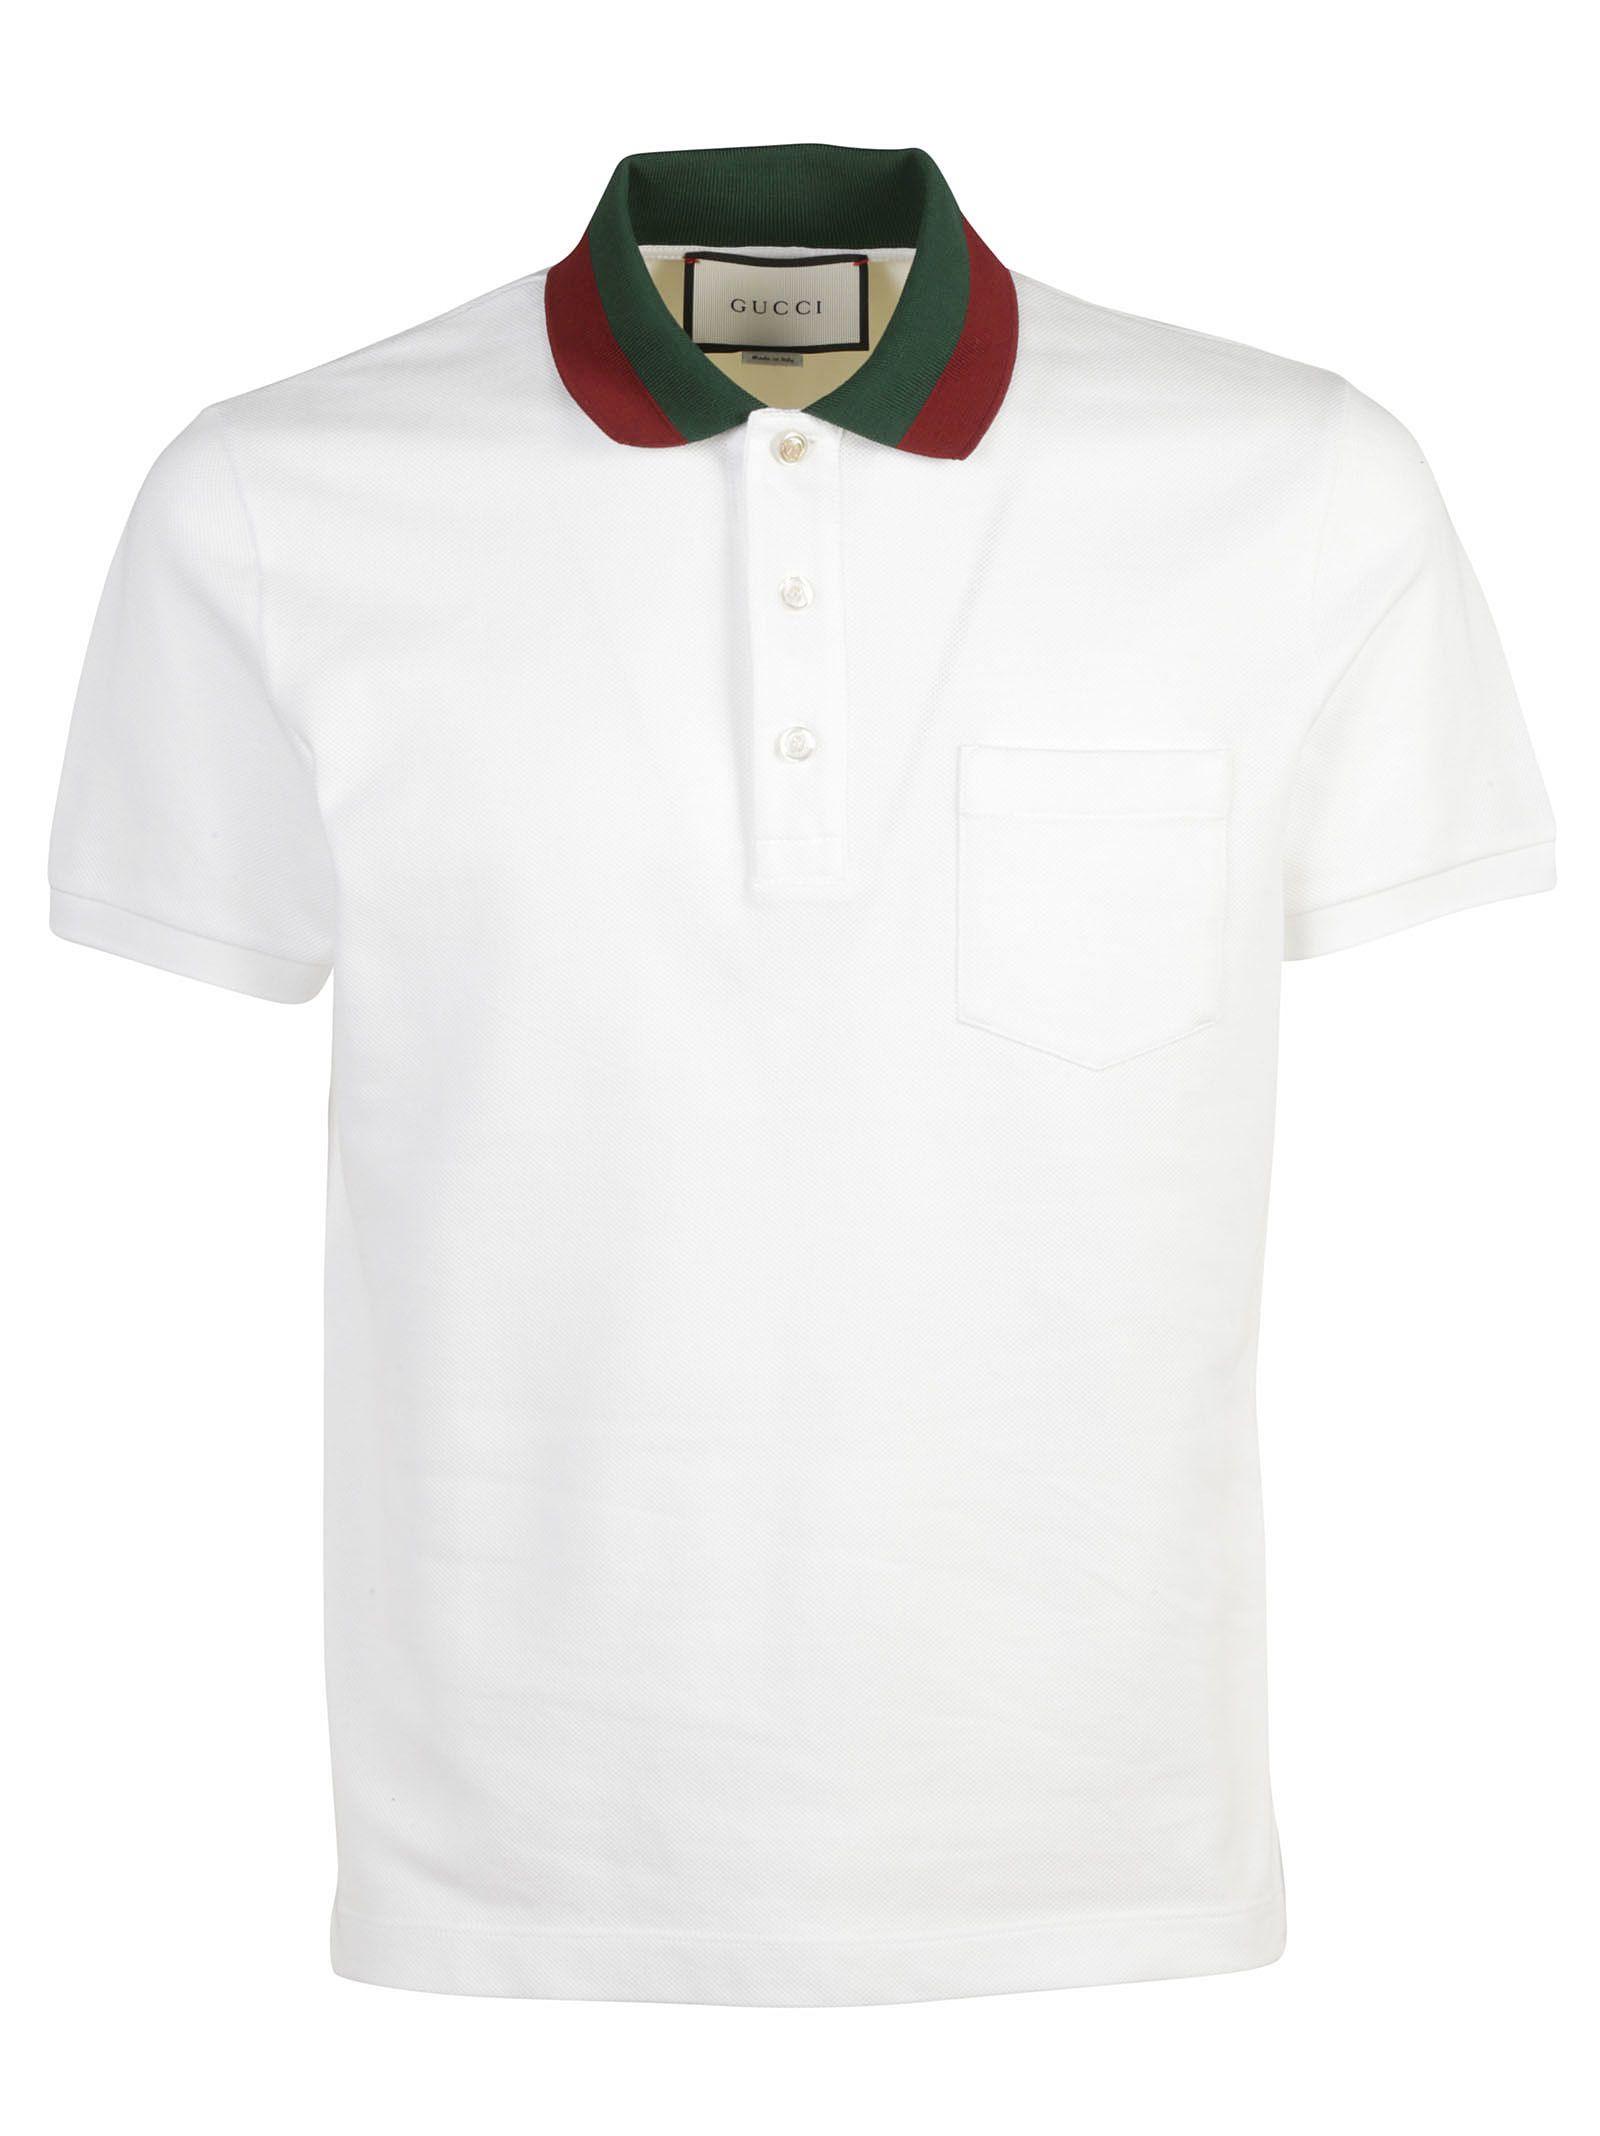 Gucci Gucci Stripe Collar Polo Shirt White 6125872 Italist